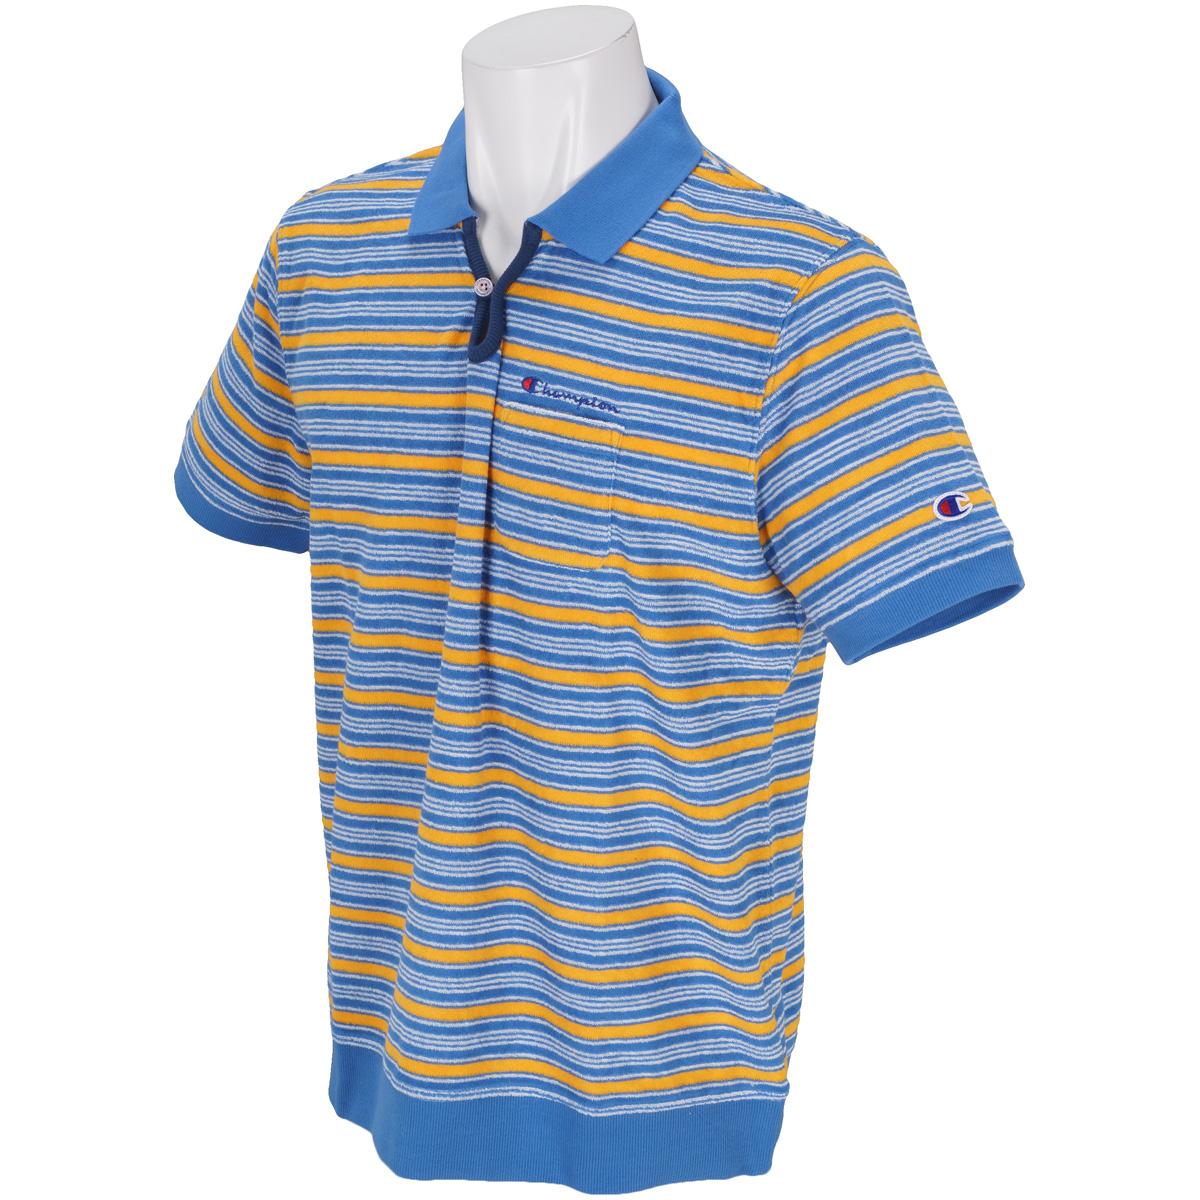 ボーダーパイル 半袖ポケットポロシャツ